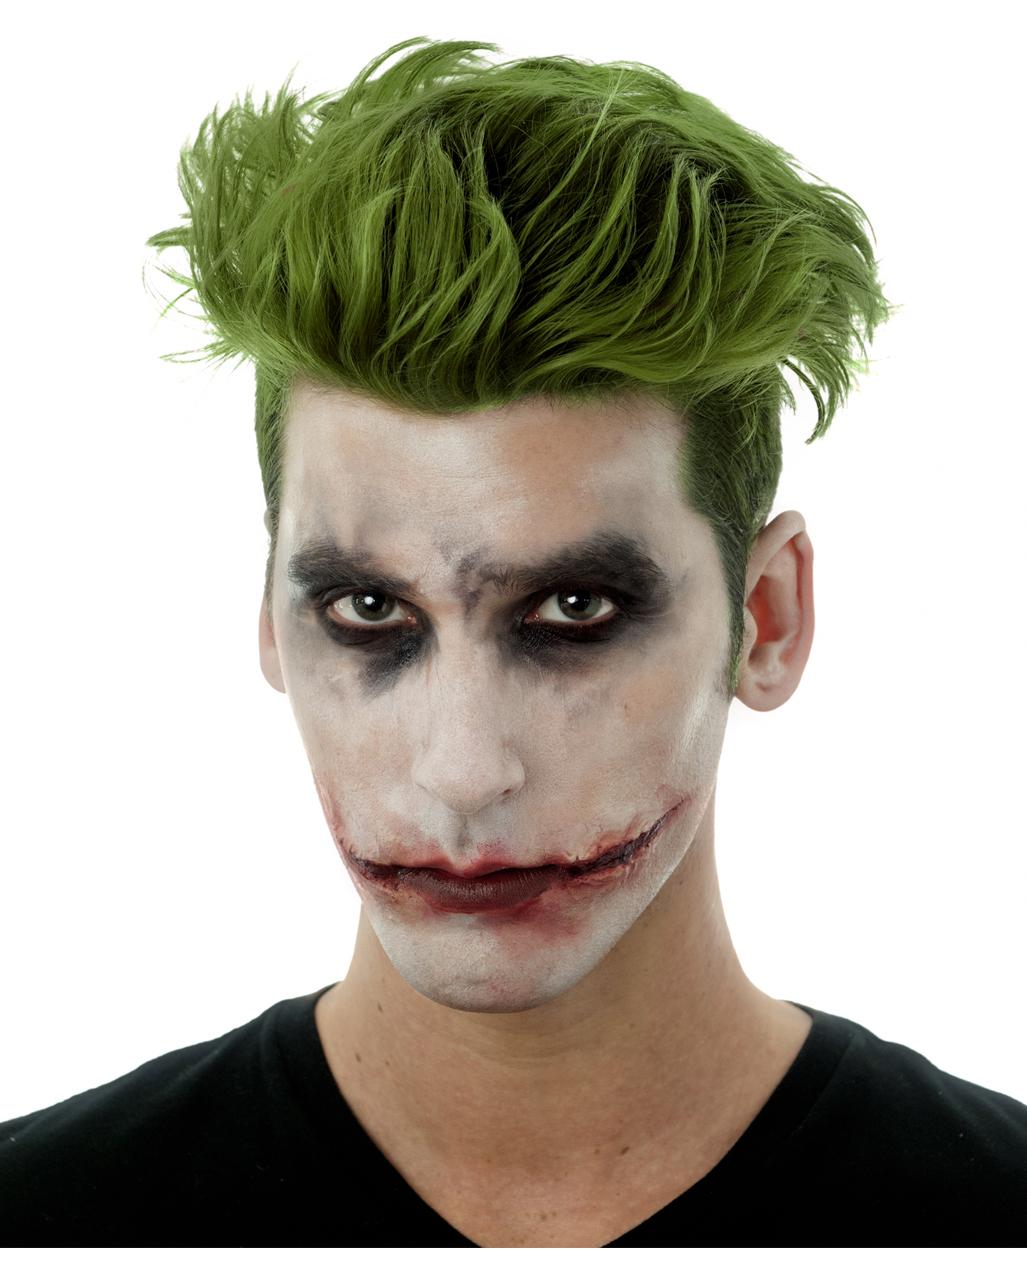 joker scars from latex | joker make-up make-up | horror-shop